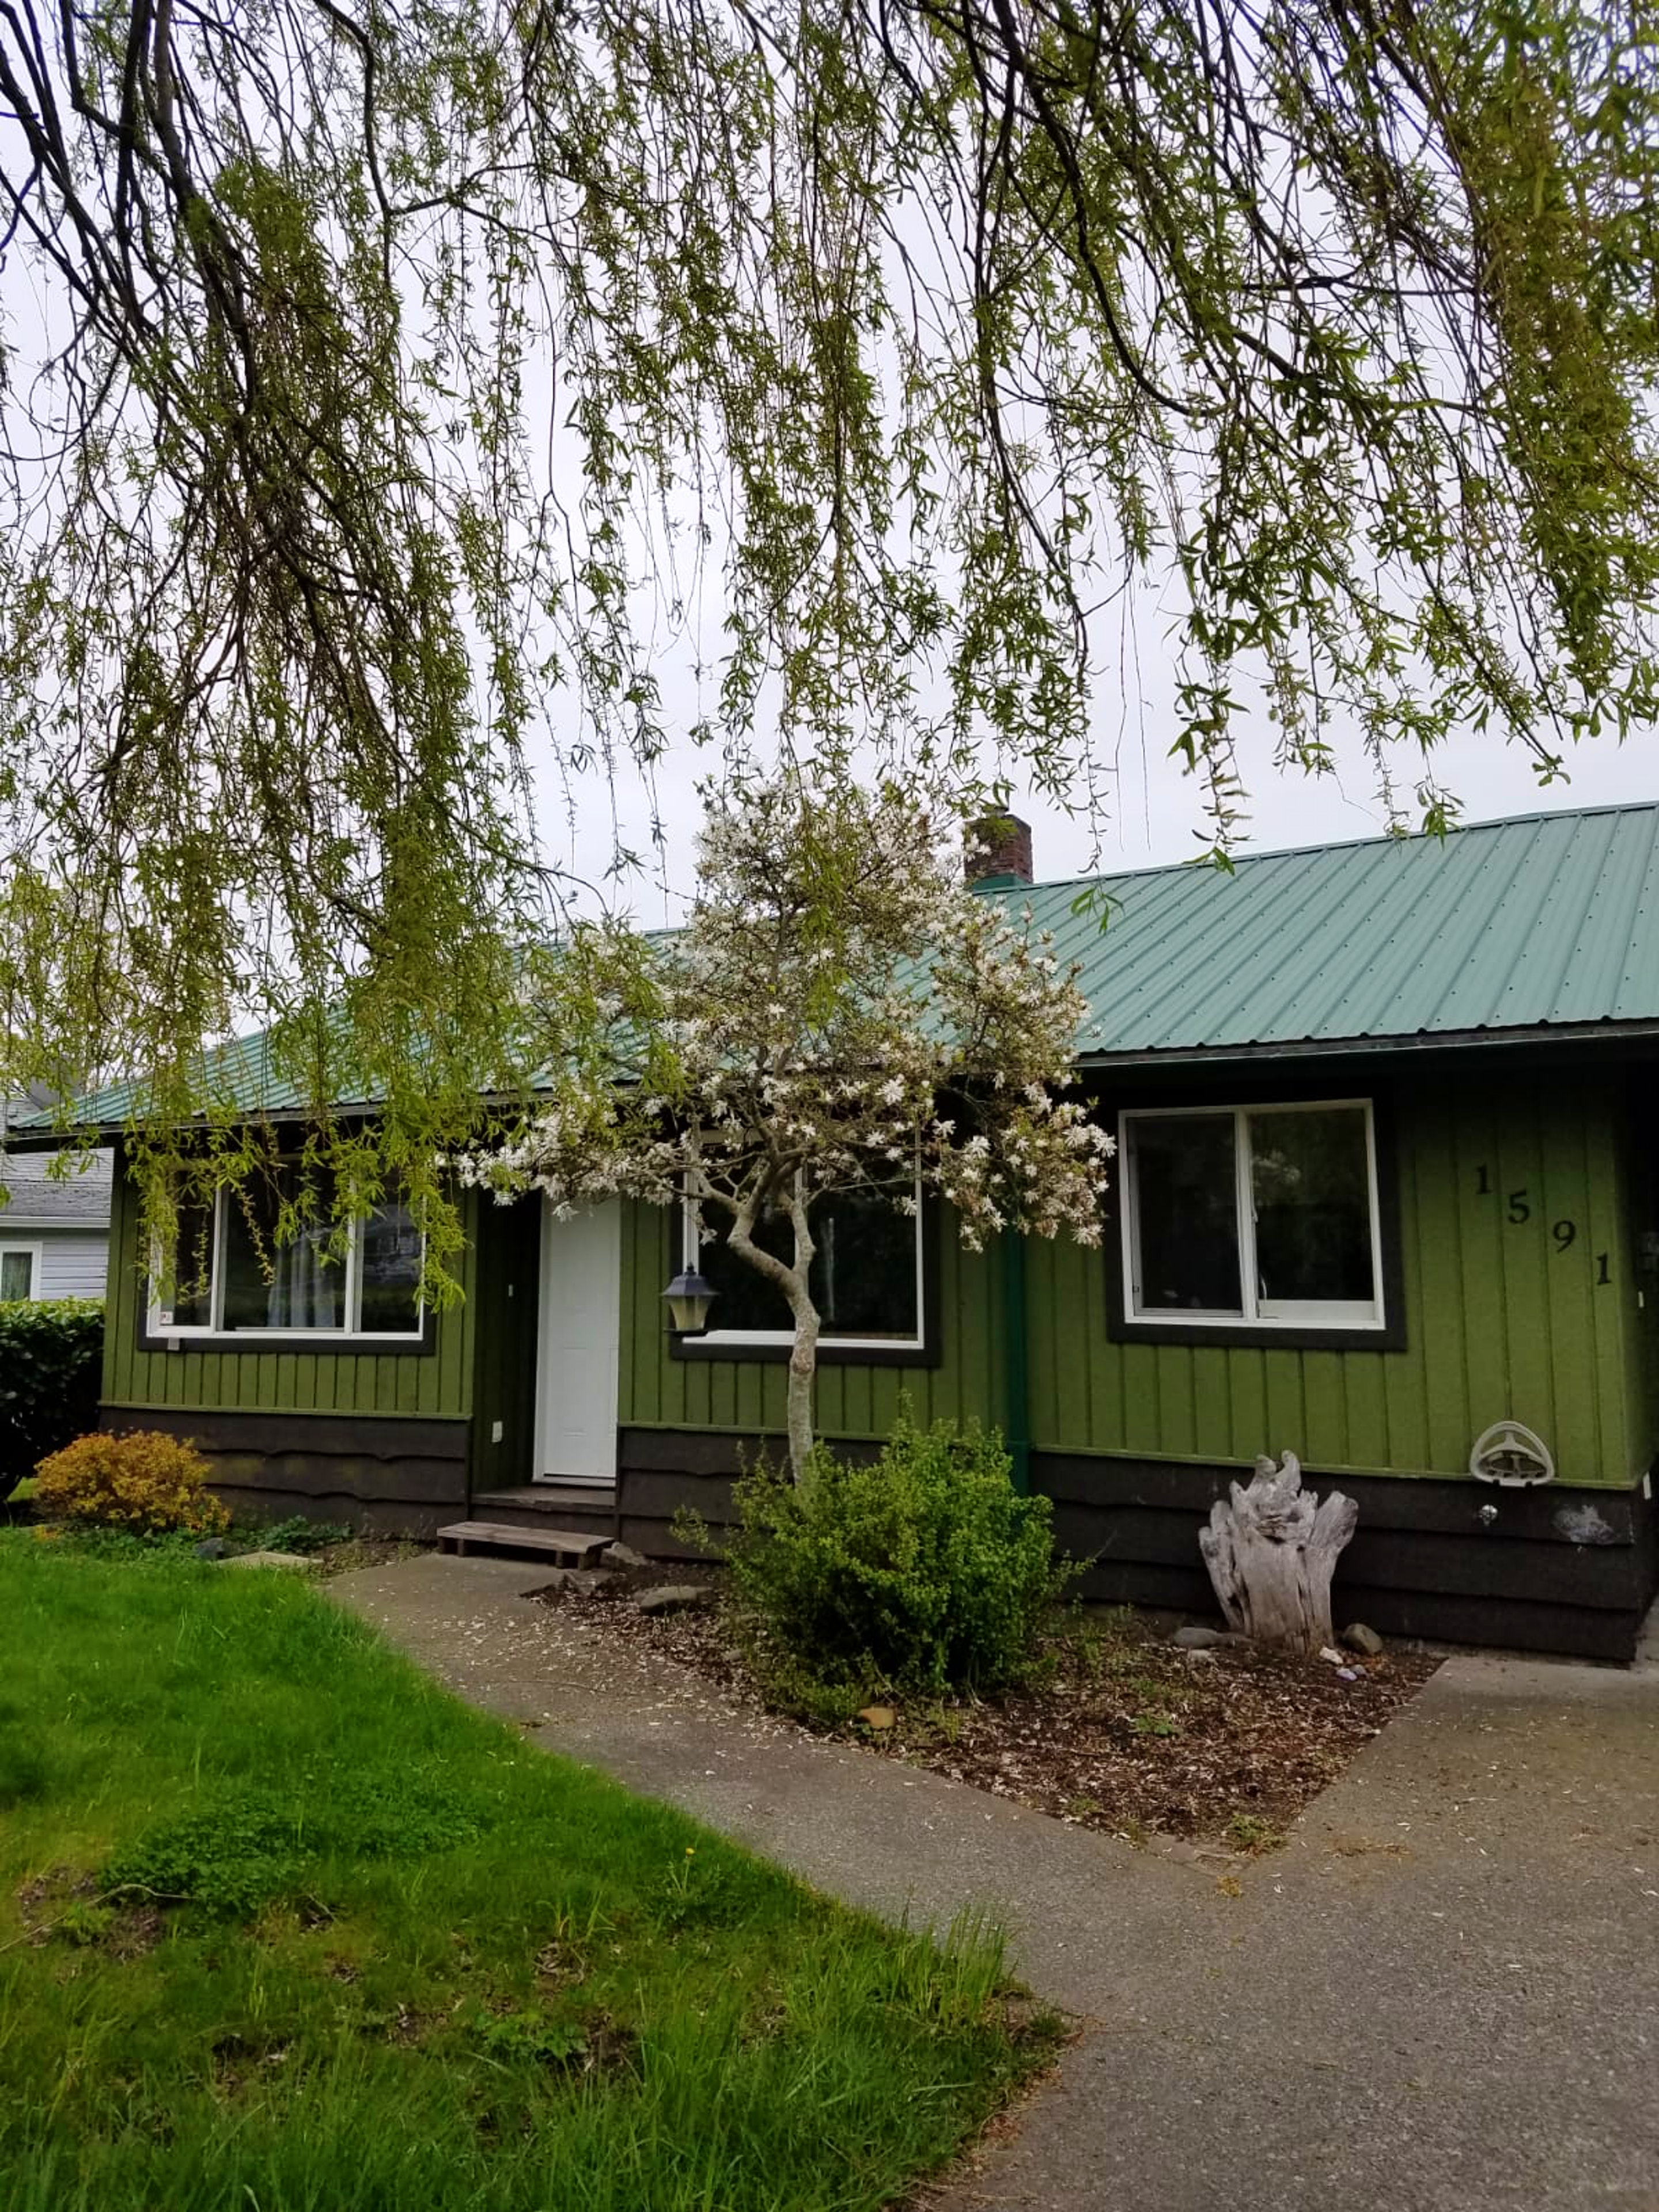 Haus mit 2 Schlafzimmern in Campbell River mit tol Ferienhaus in Nordamerika